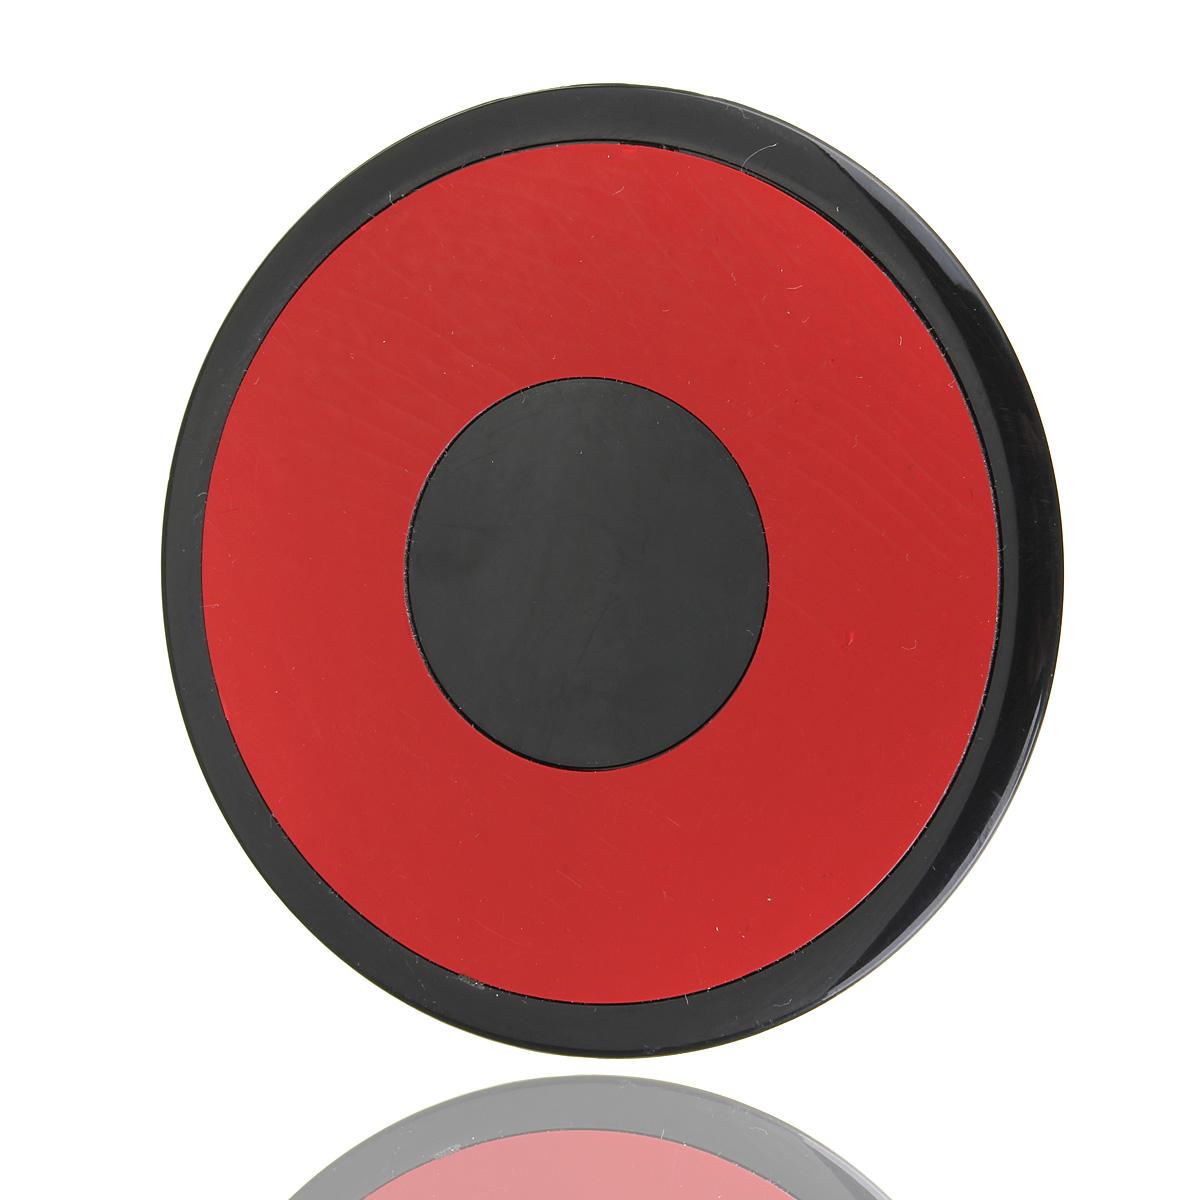 voiture disque fixation tableau de bord support ventouse pour tomtom garmin gps ebay. Black Bedroom Furniture Sets. Home Design Ideas